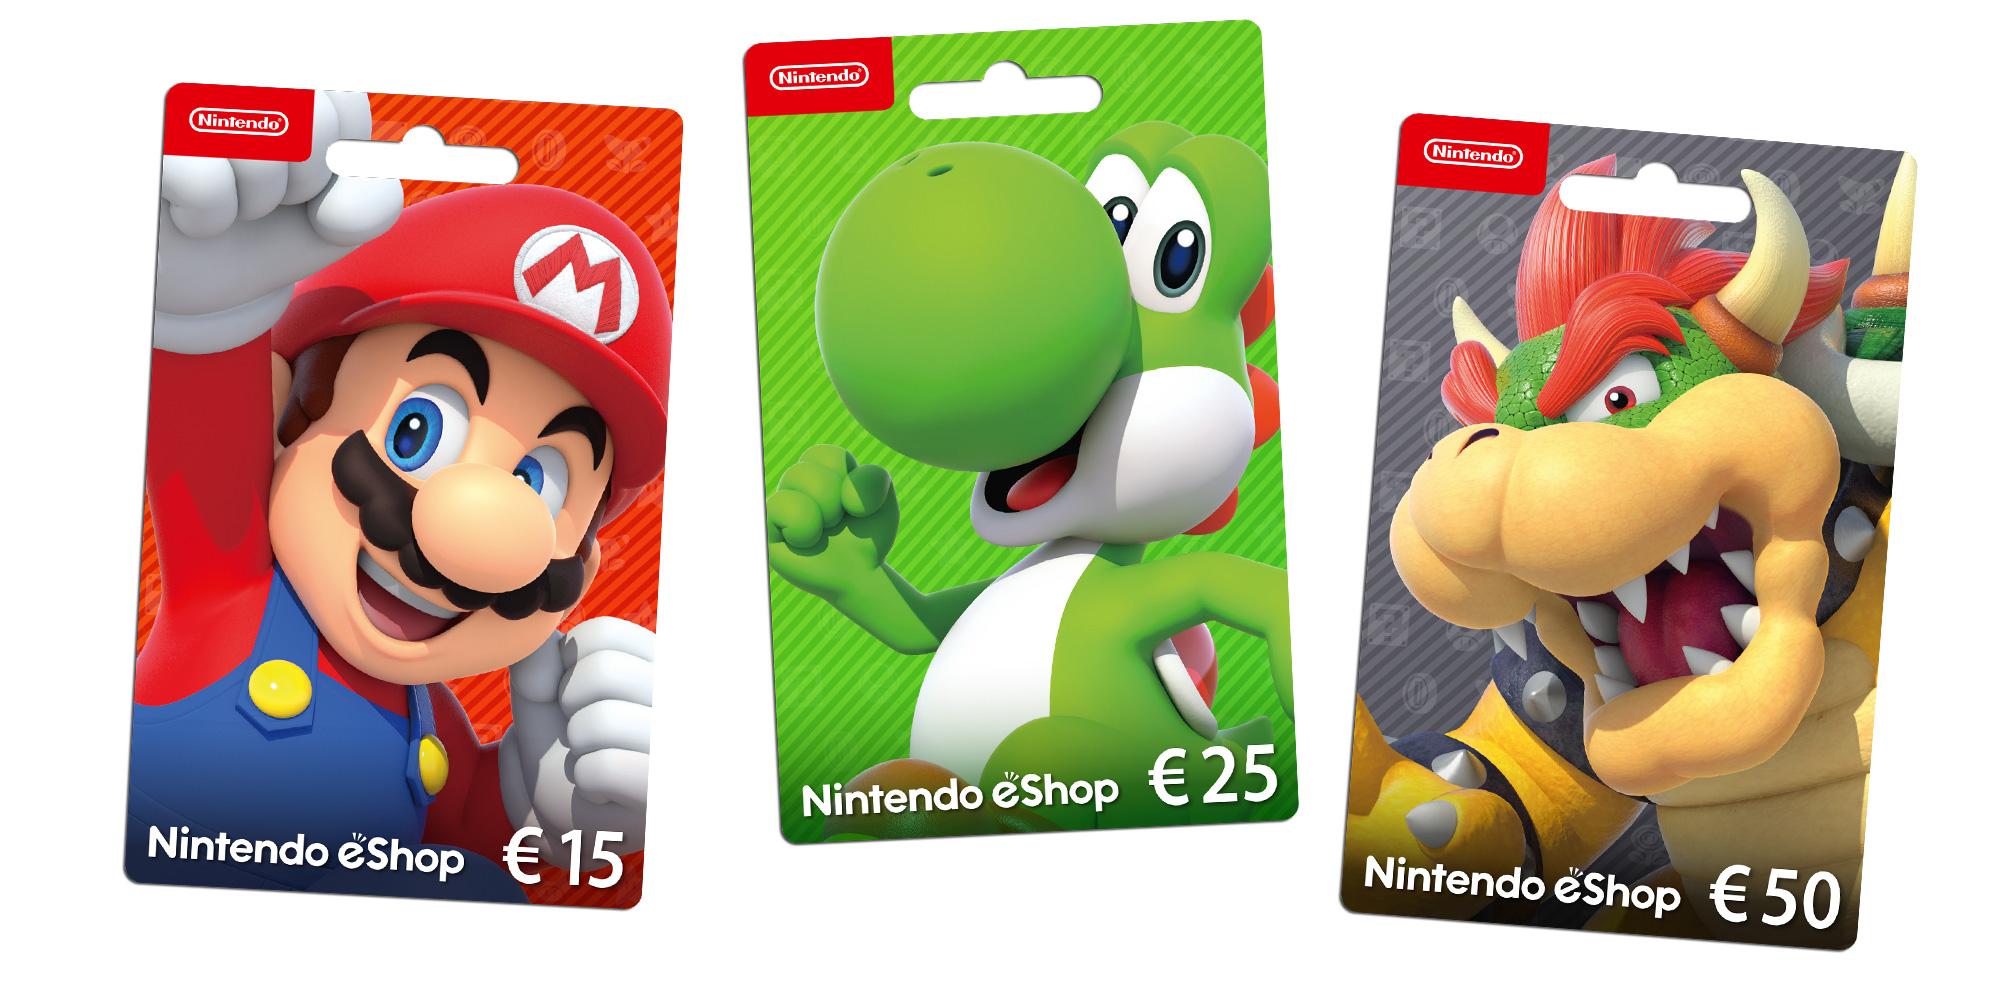 Carte Cadeau Nintendo Eshop.Nintendo Eshop Cards Famille Nintendo 3ds Nintendo